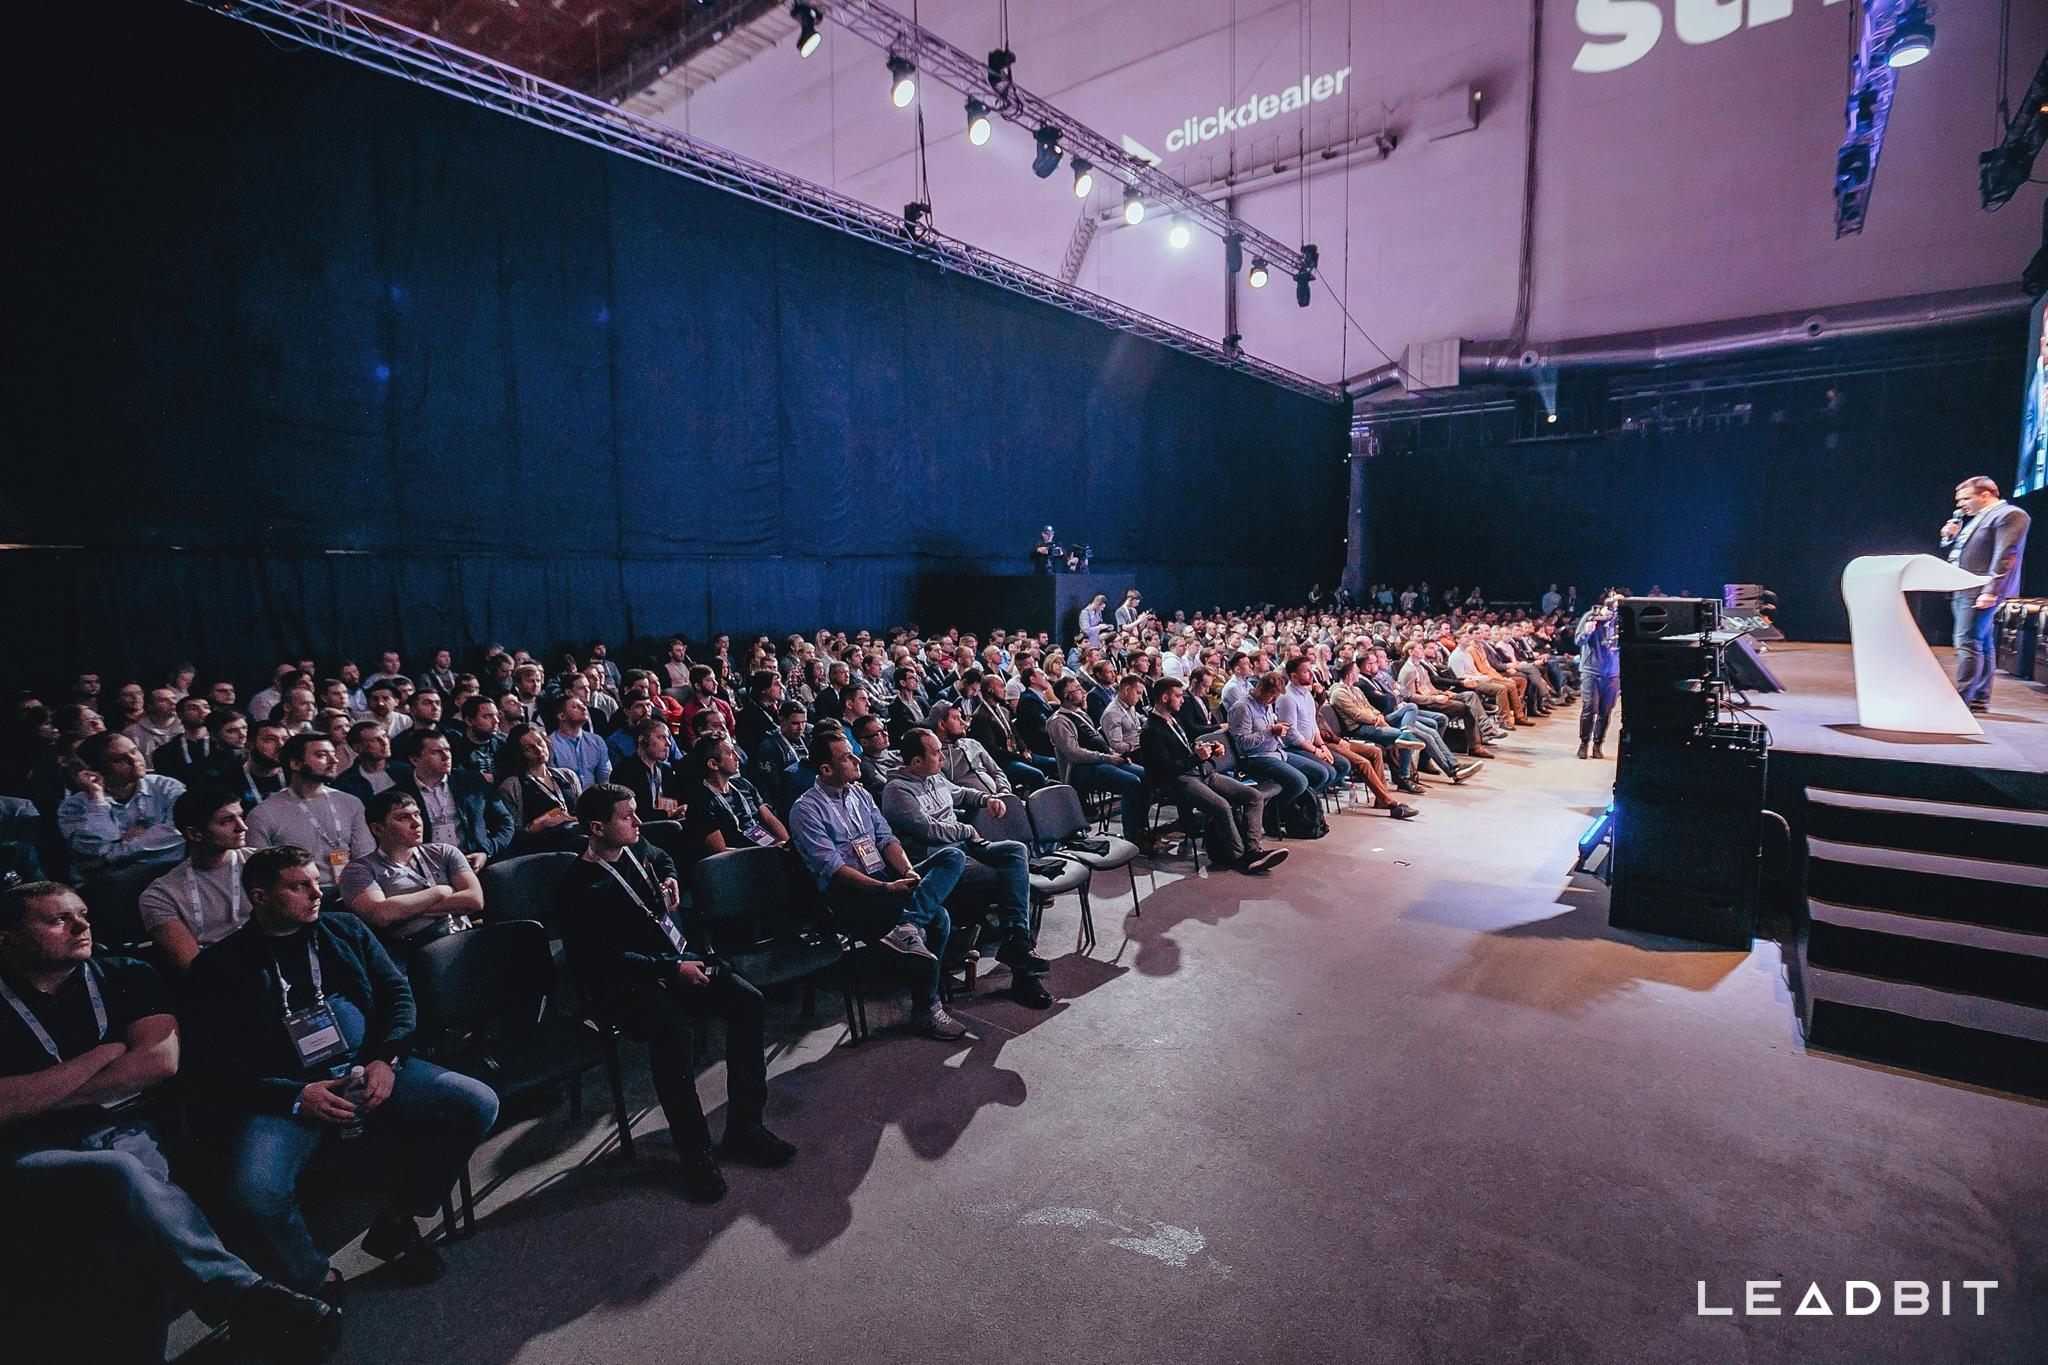 О чем будут говорить спикеры на конференции МАК 2019?